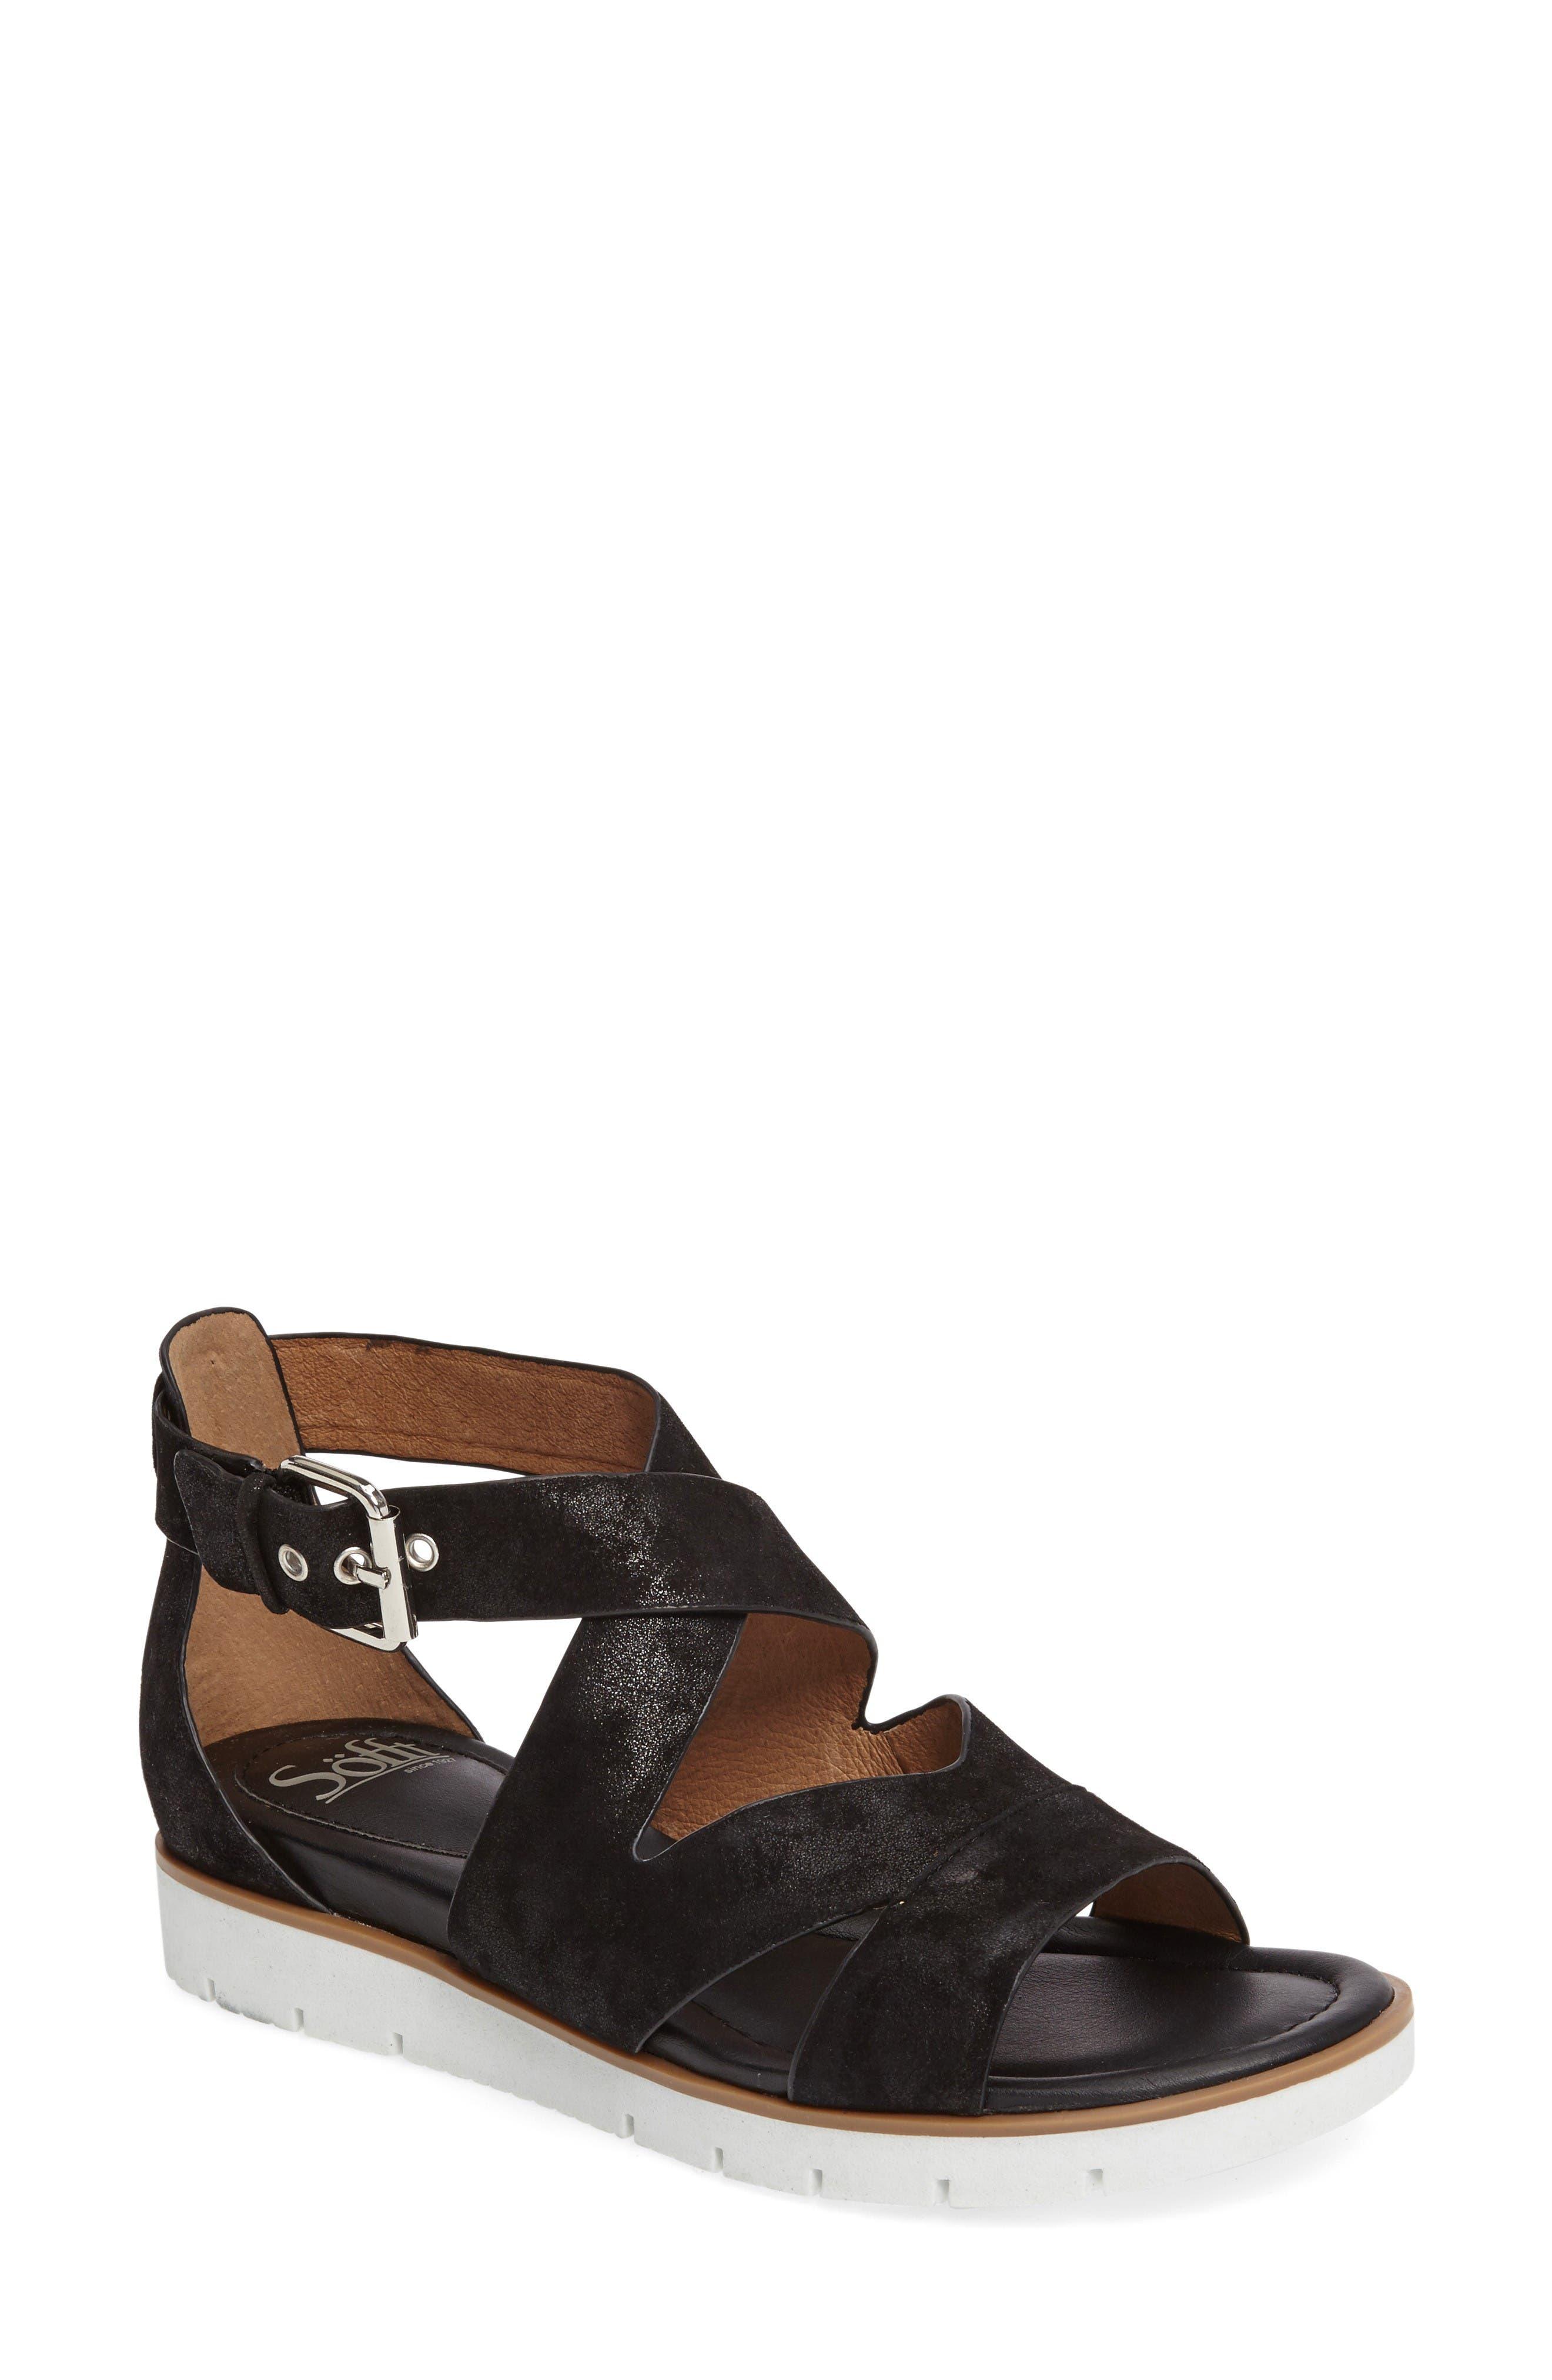 Alternate Image 1 Selected - Söfft 'Mirabelle' Sport Sandal (Women)